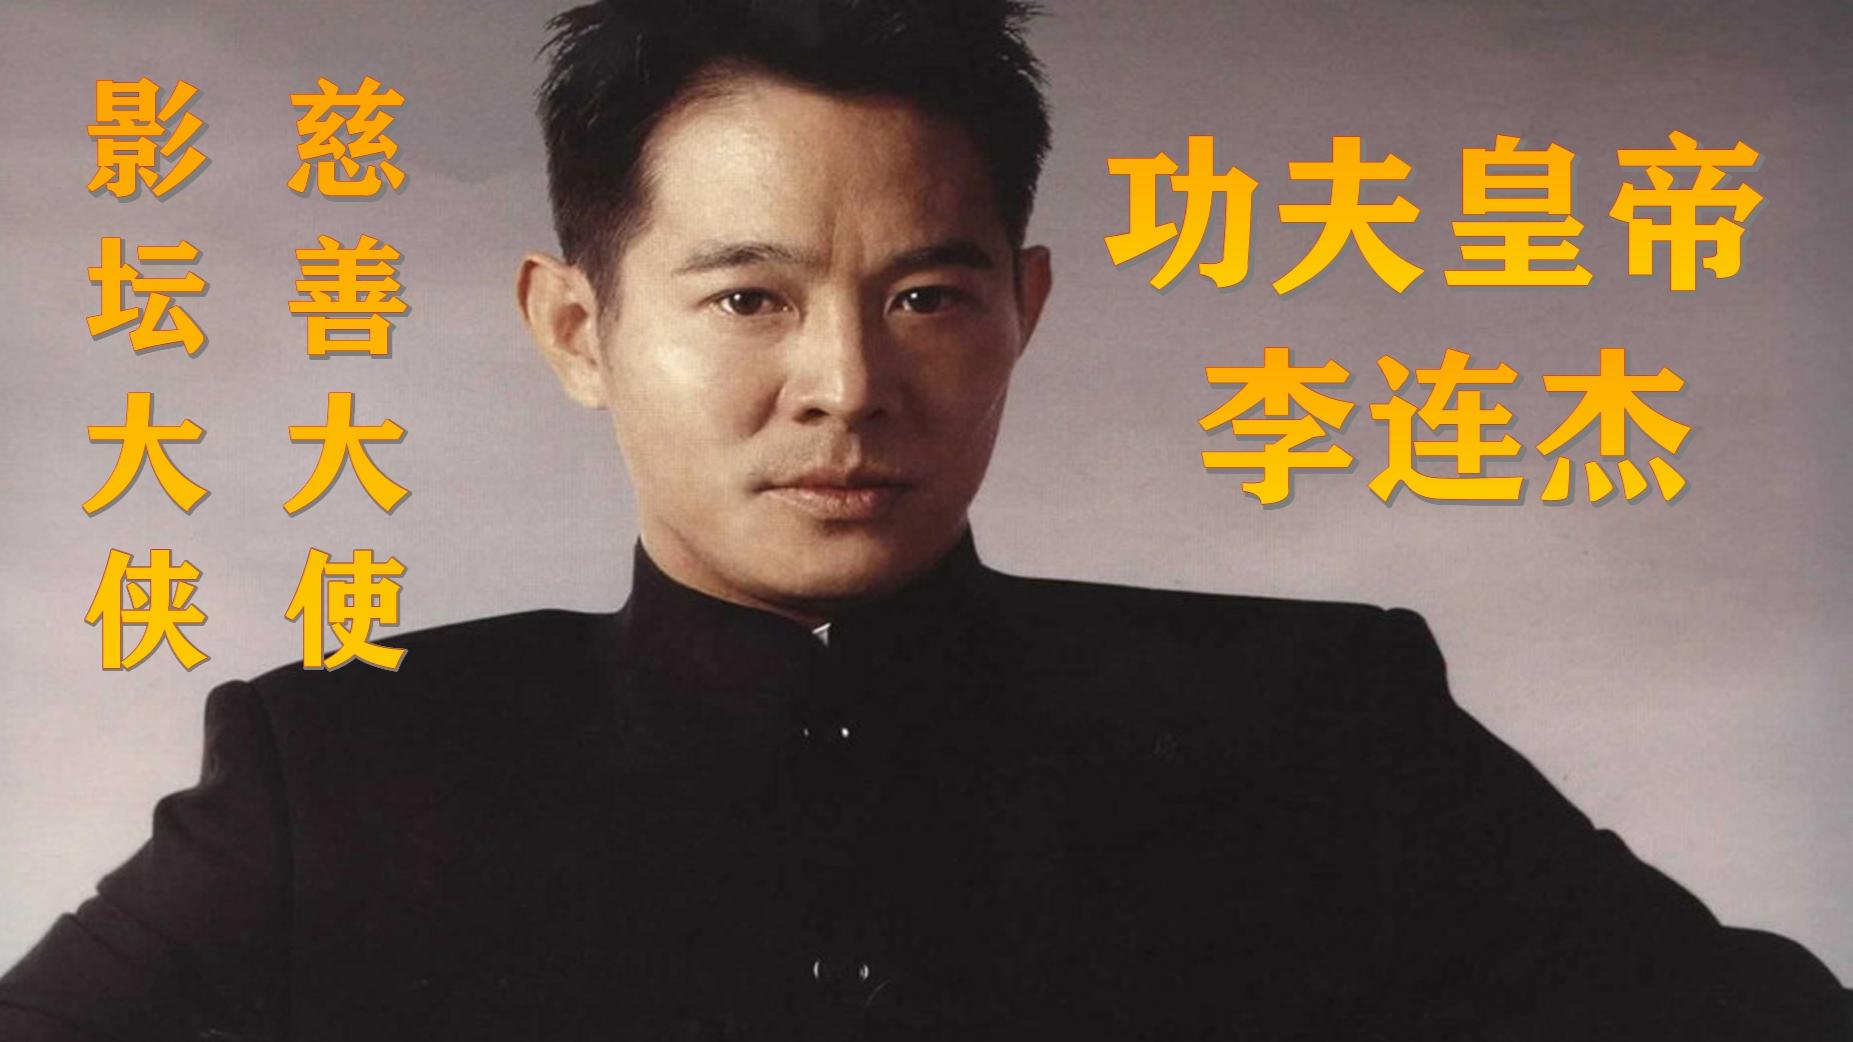 李连杰:抛妻弃子、更改国籍、身患重病,颇受争议的功夫皇帝!